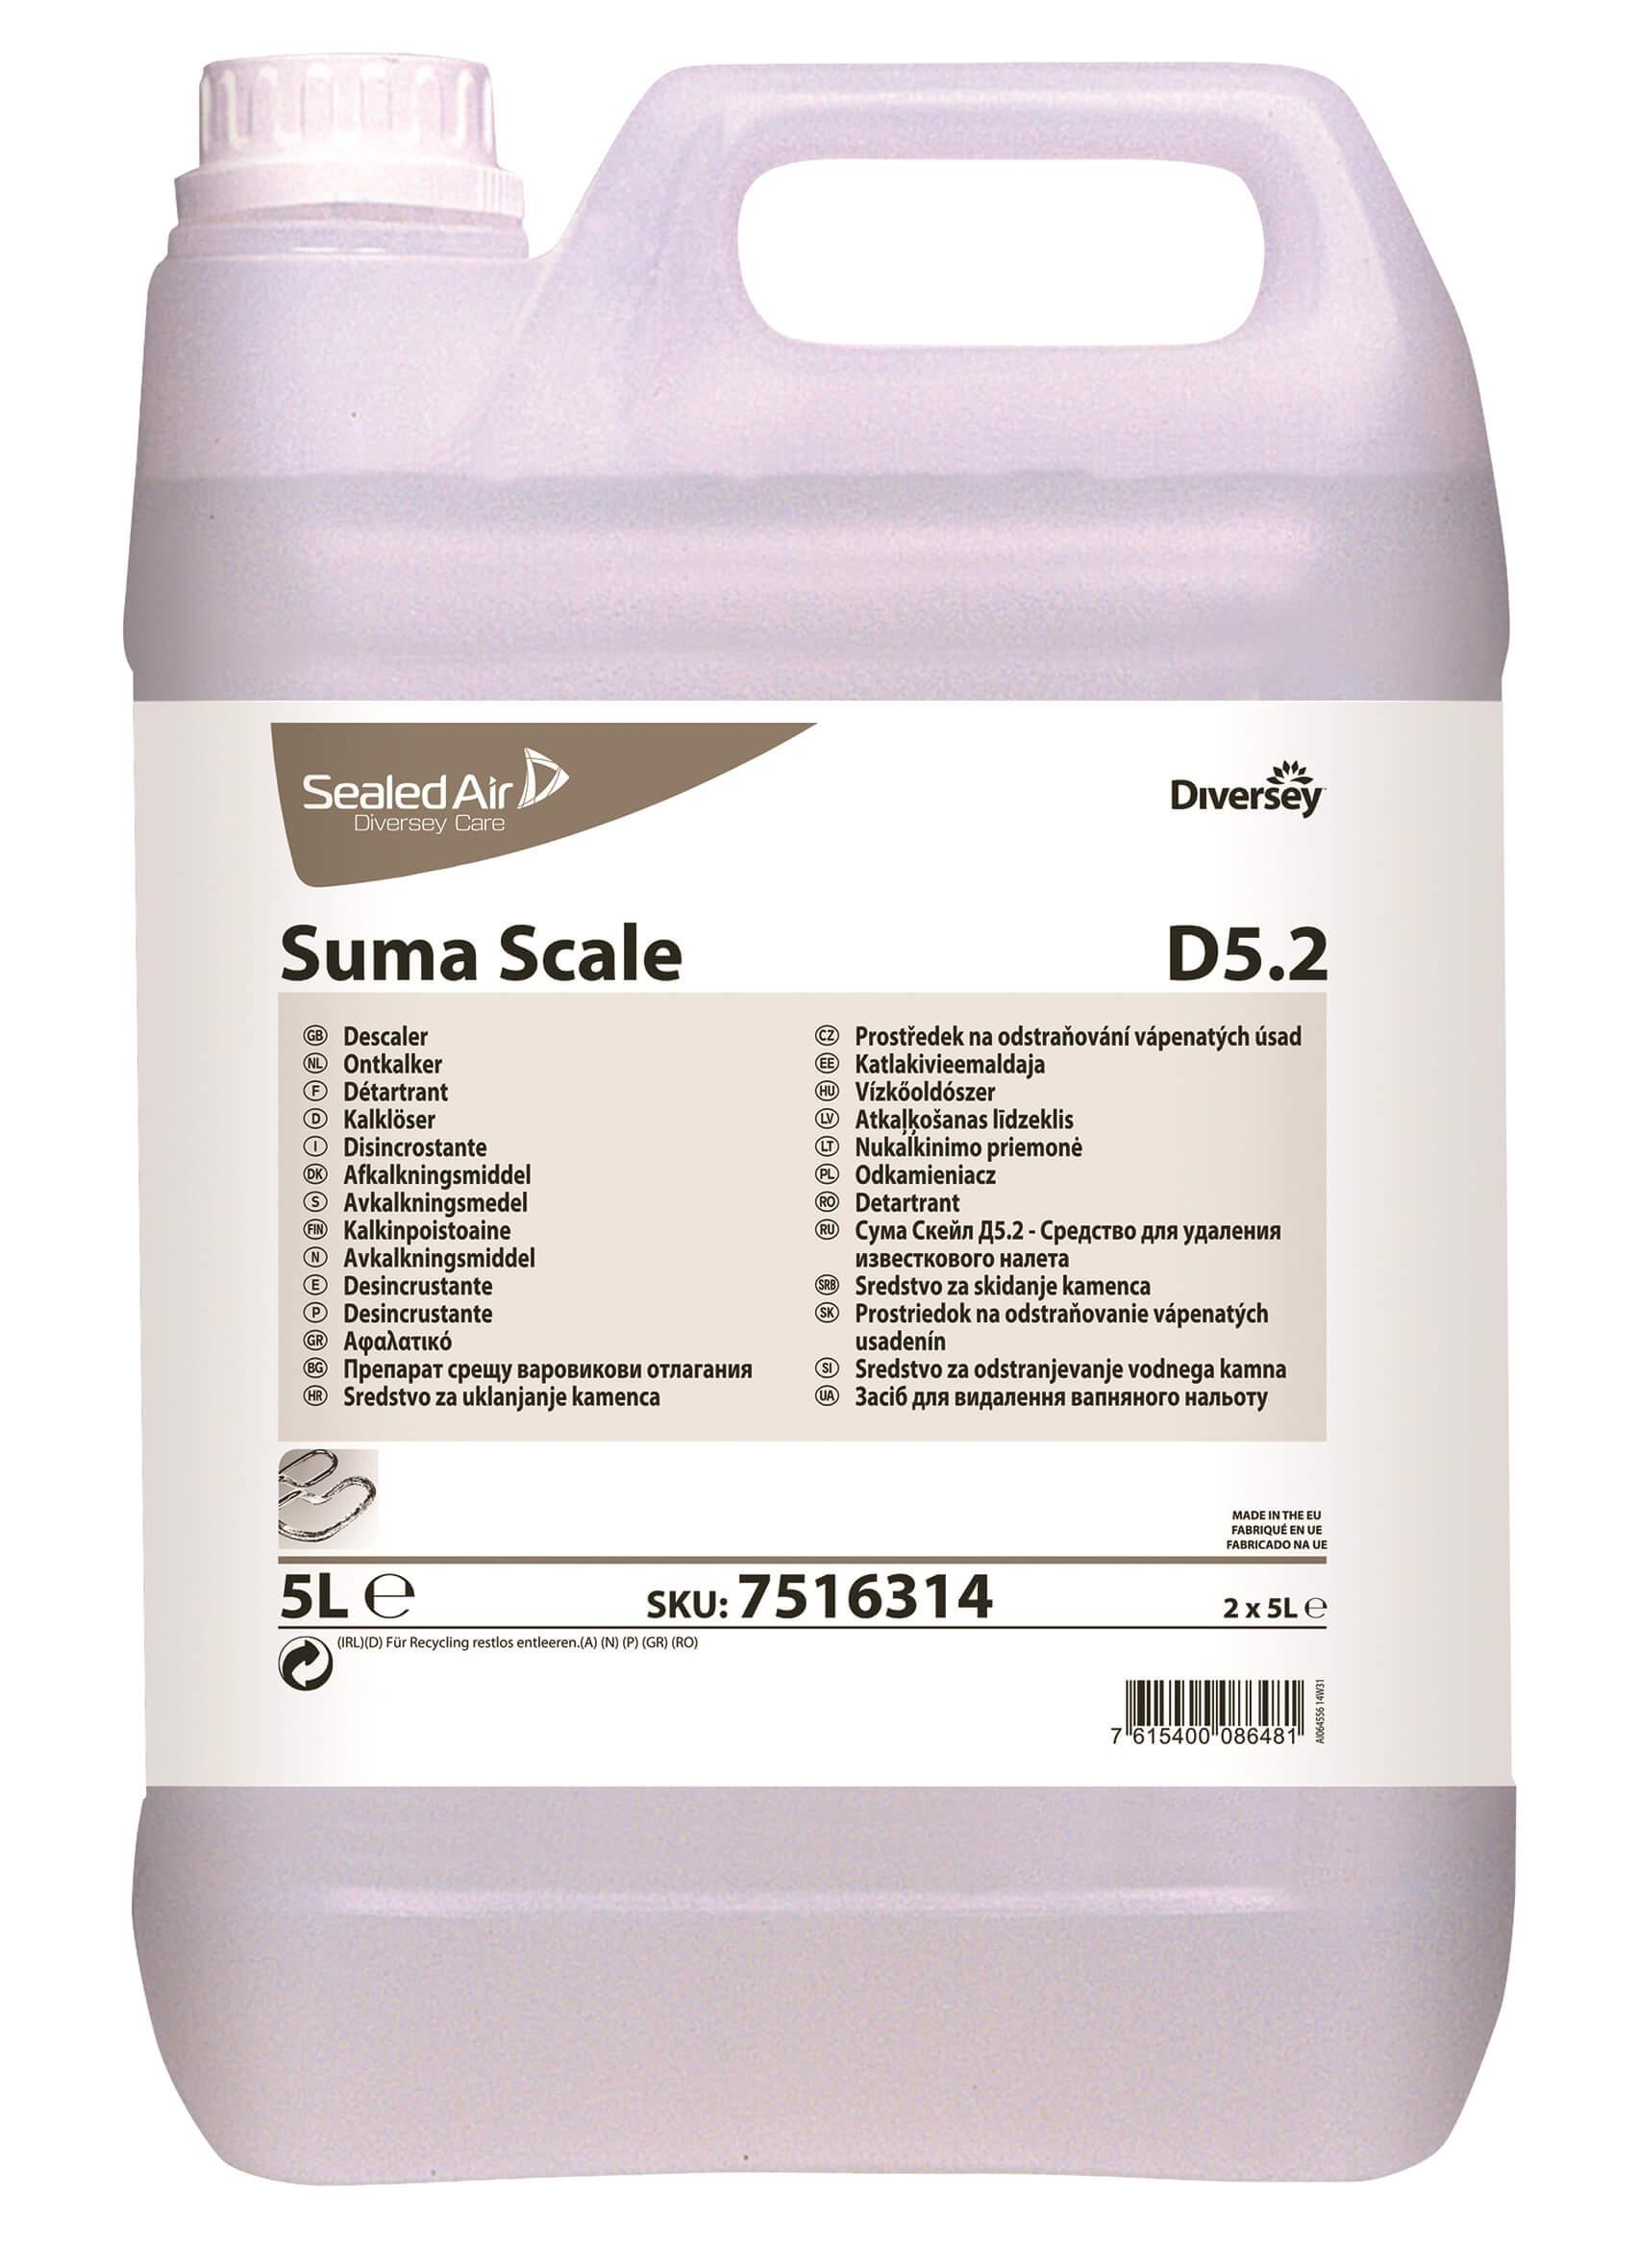 Suma Scale D5.2